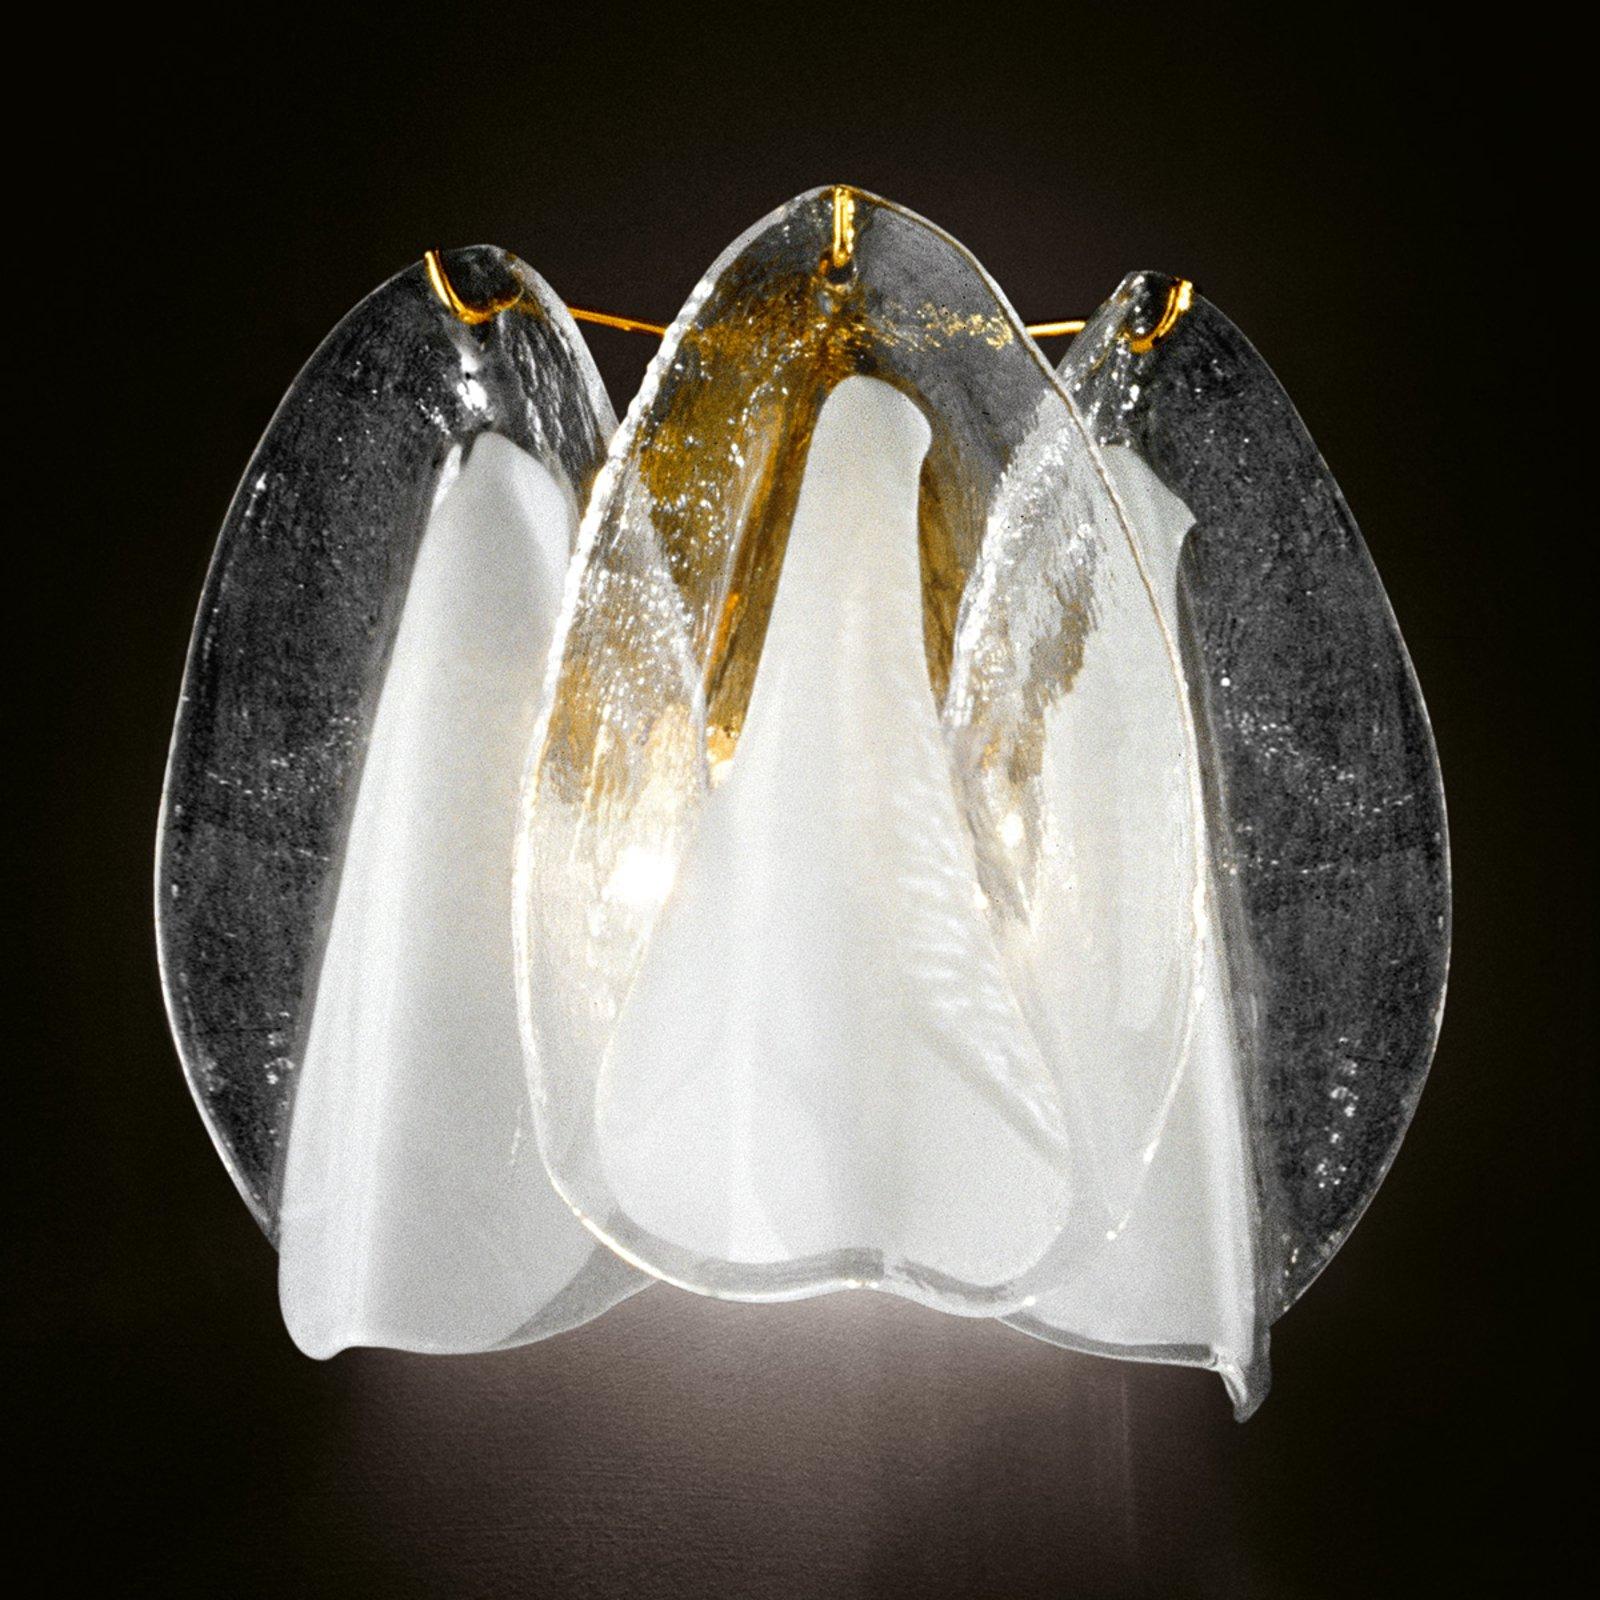 Glass-vegglampe Rondini med 24 karat gull